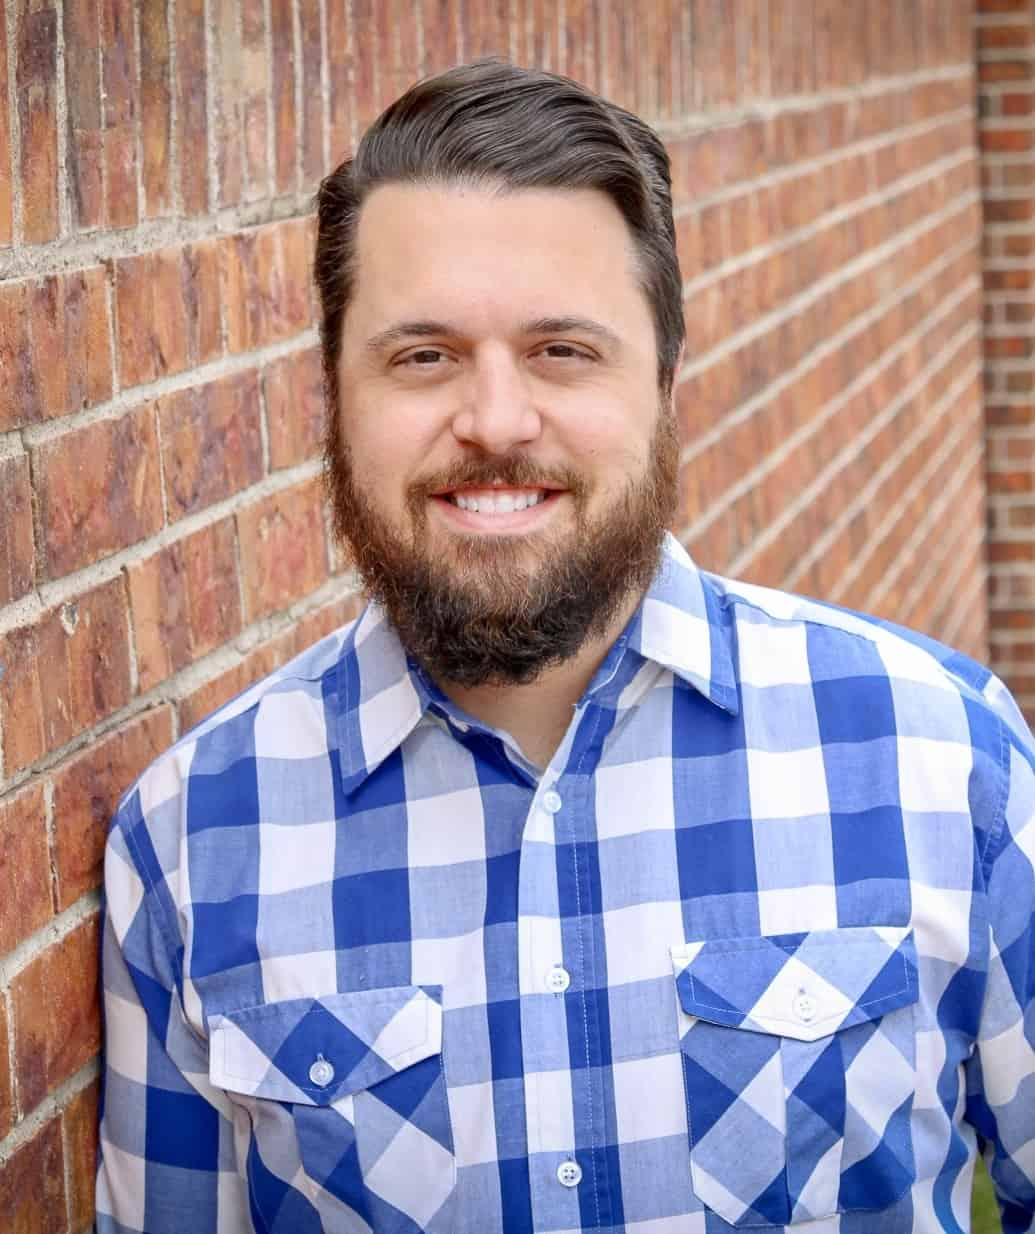 Aaron Rich